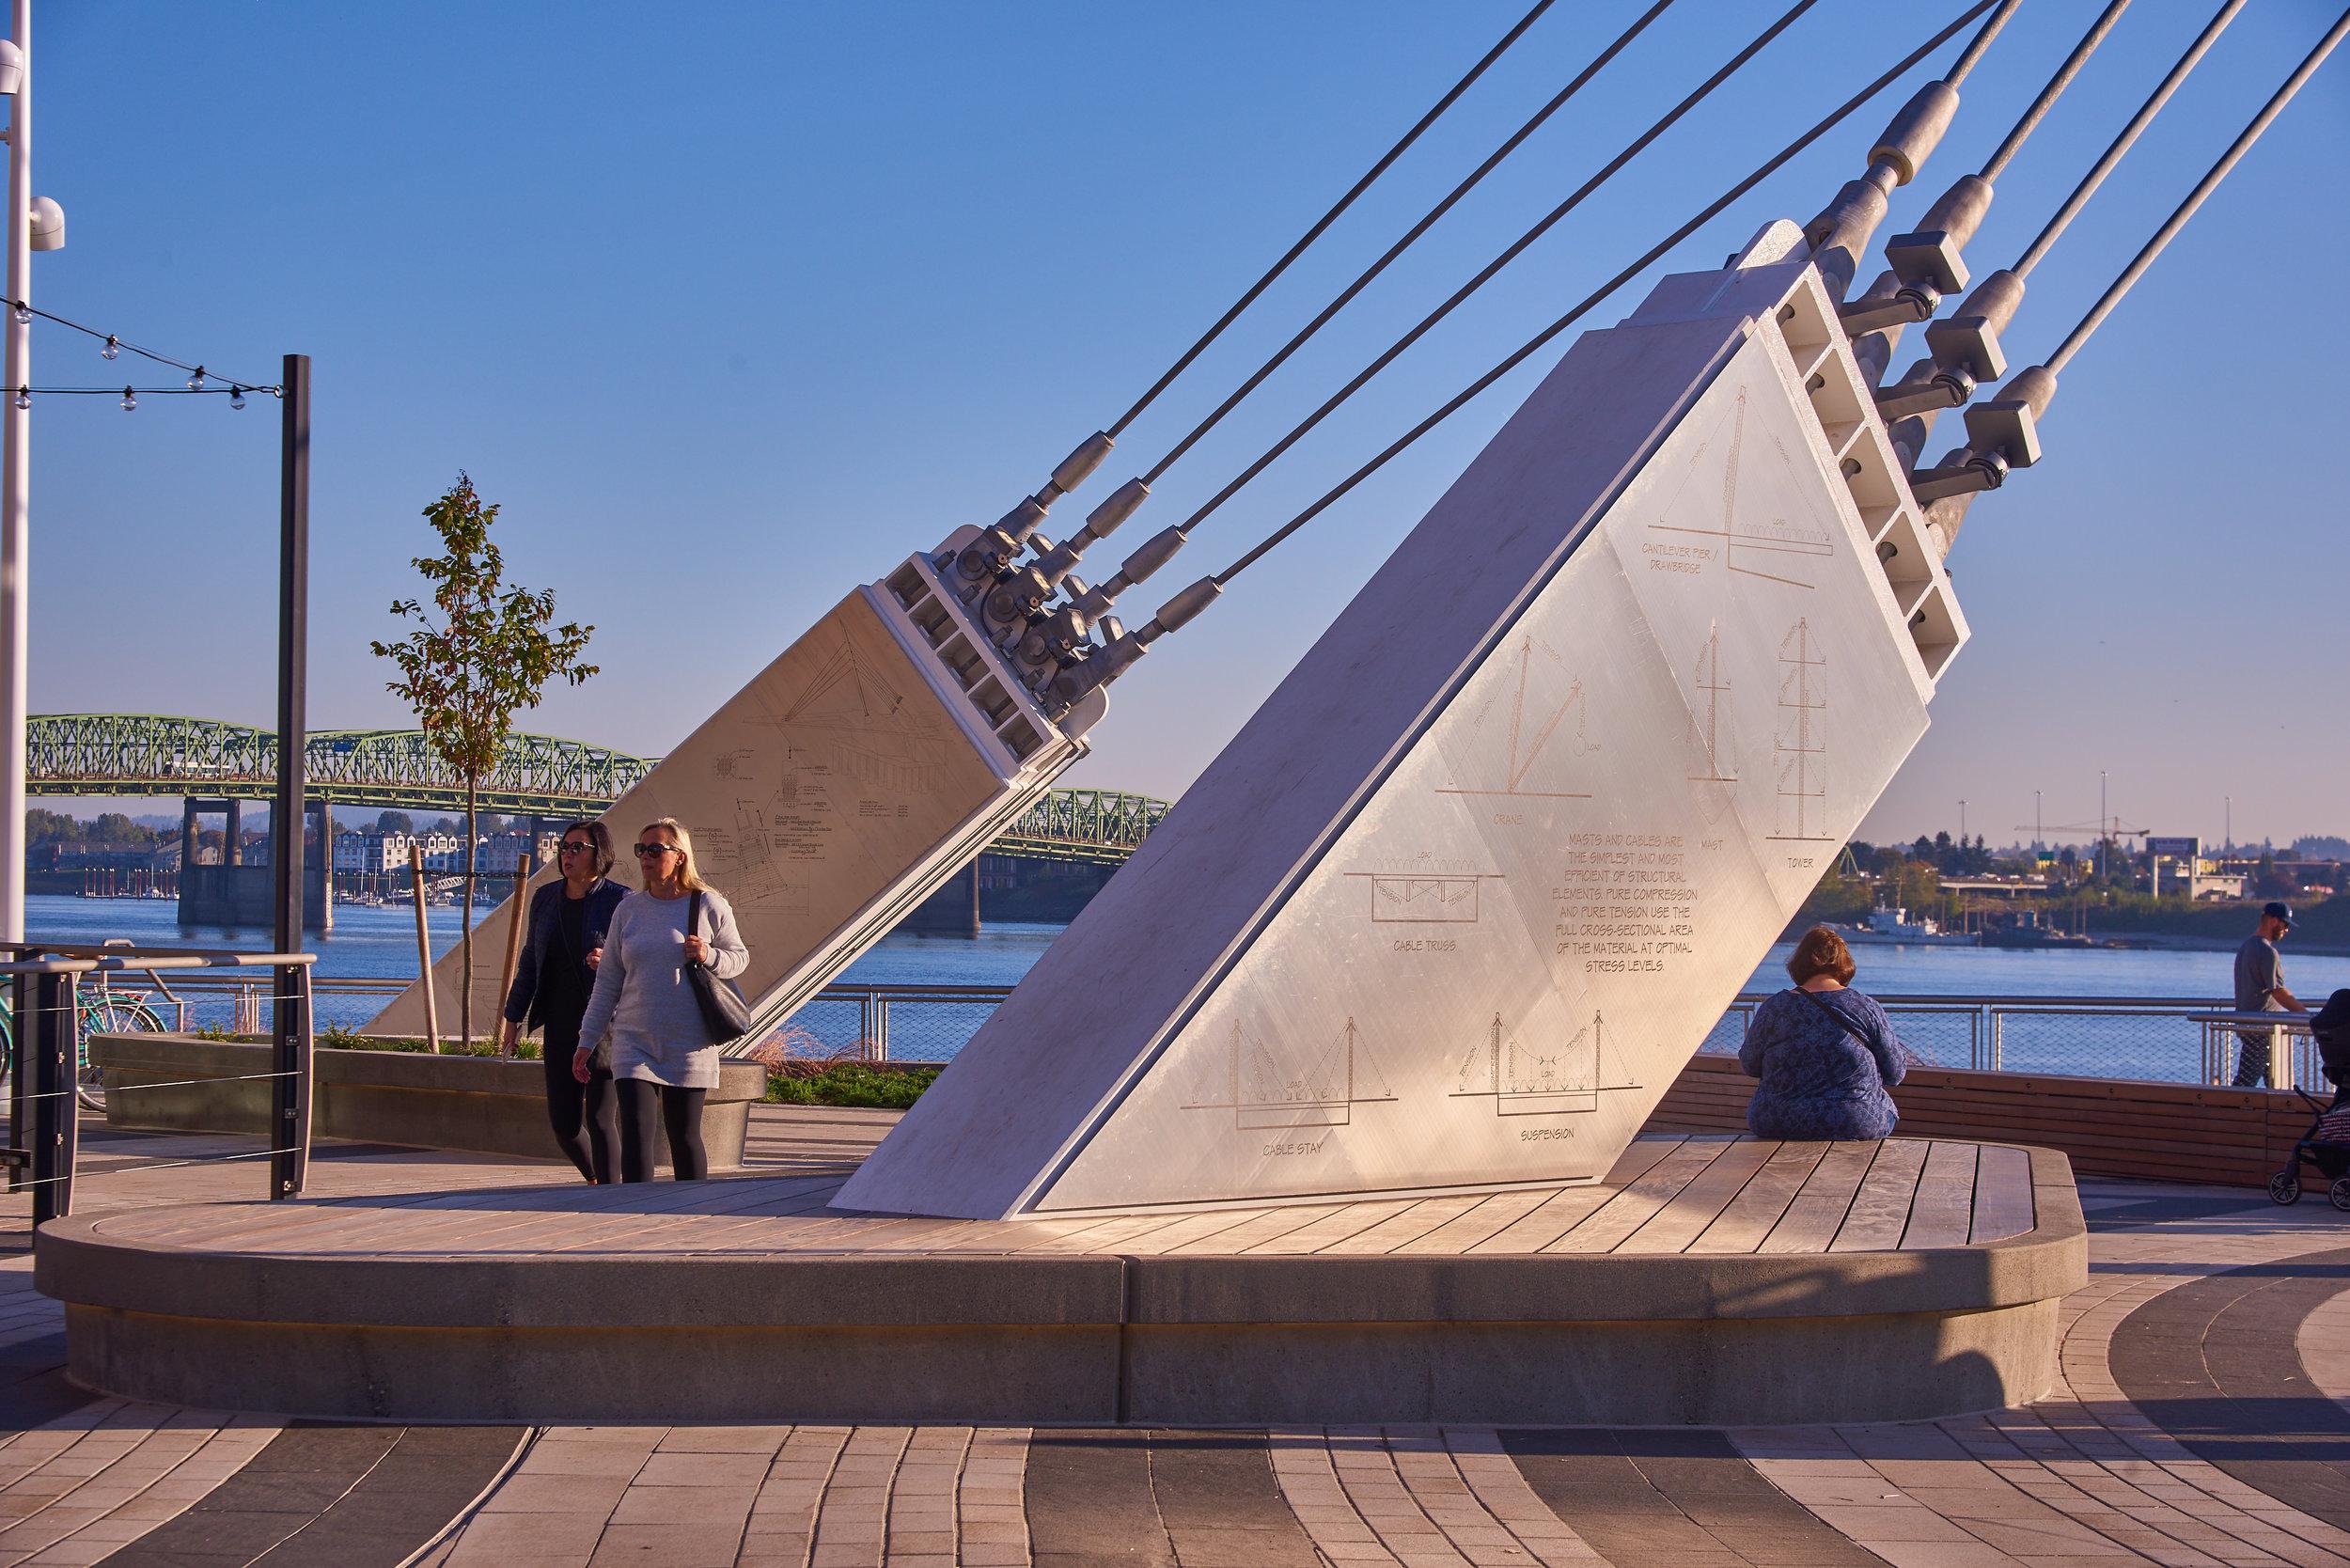 vancouver_waterfront park pier_larry kirkland_public art services_j grant projects_37.jpg